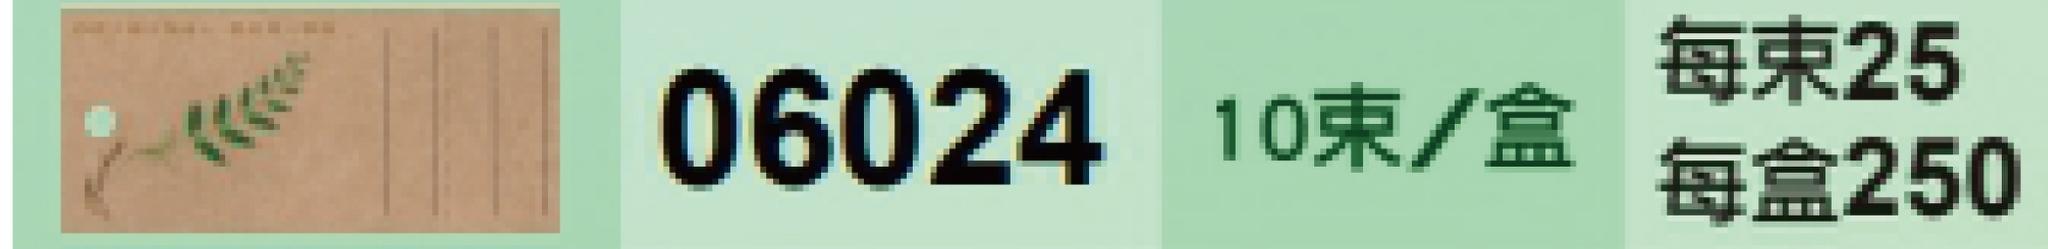 20181113 #9_181114_0004.jpg